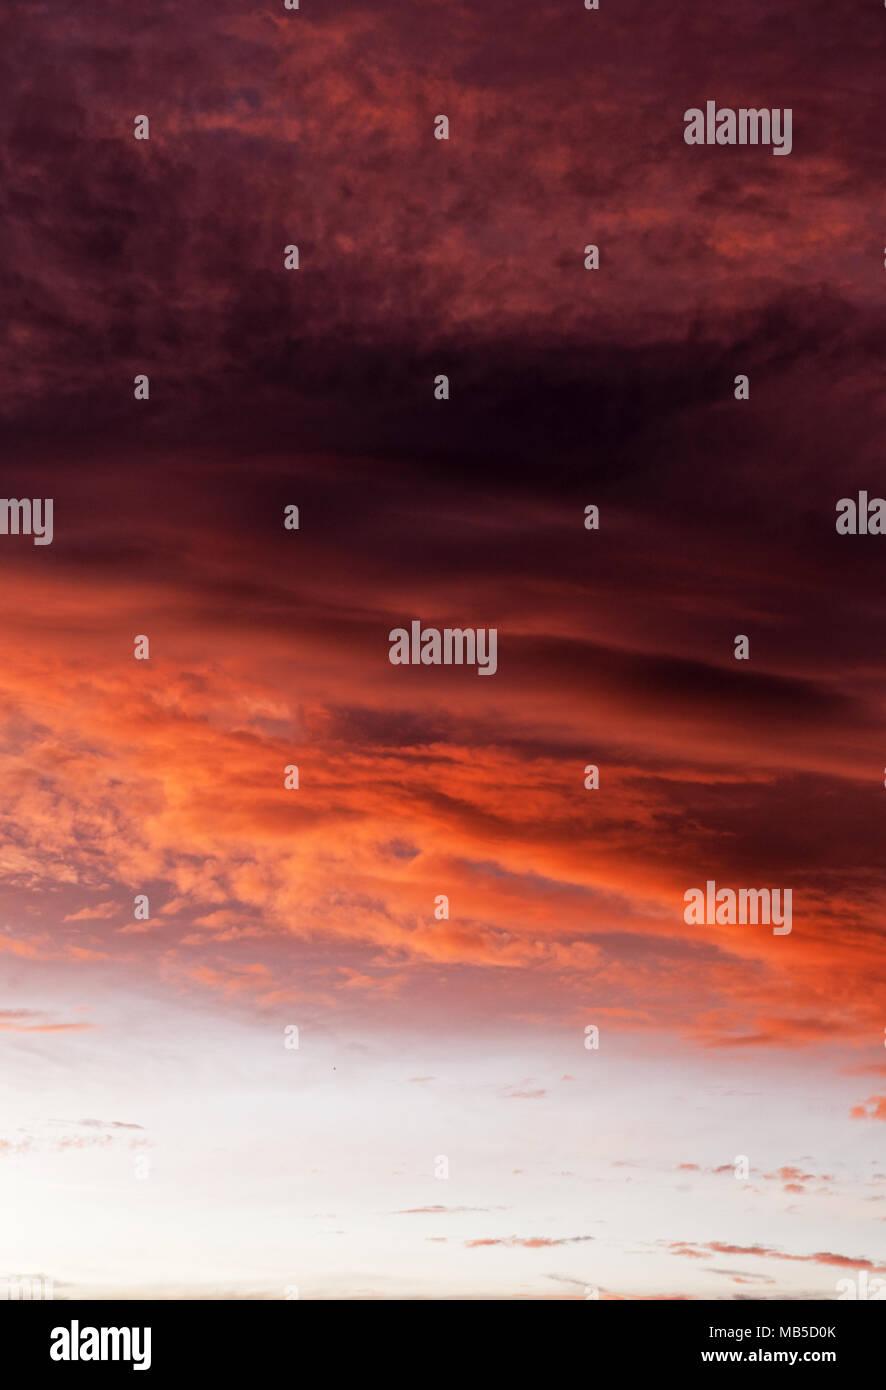 Ciel coucher de soleil spectaculaire avec soir Ciel nuages éclairés par la lumière du soleil Photo Stock